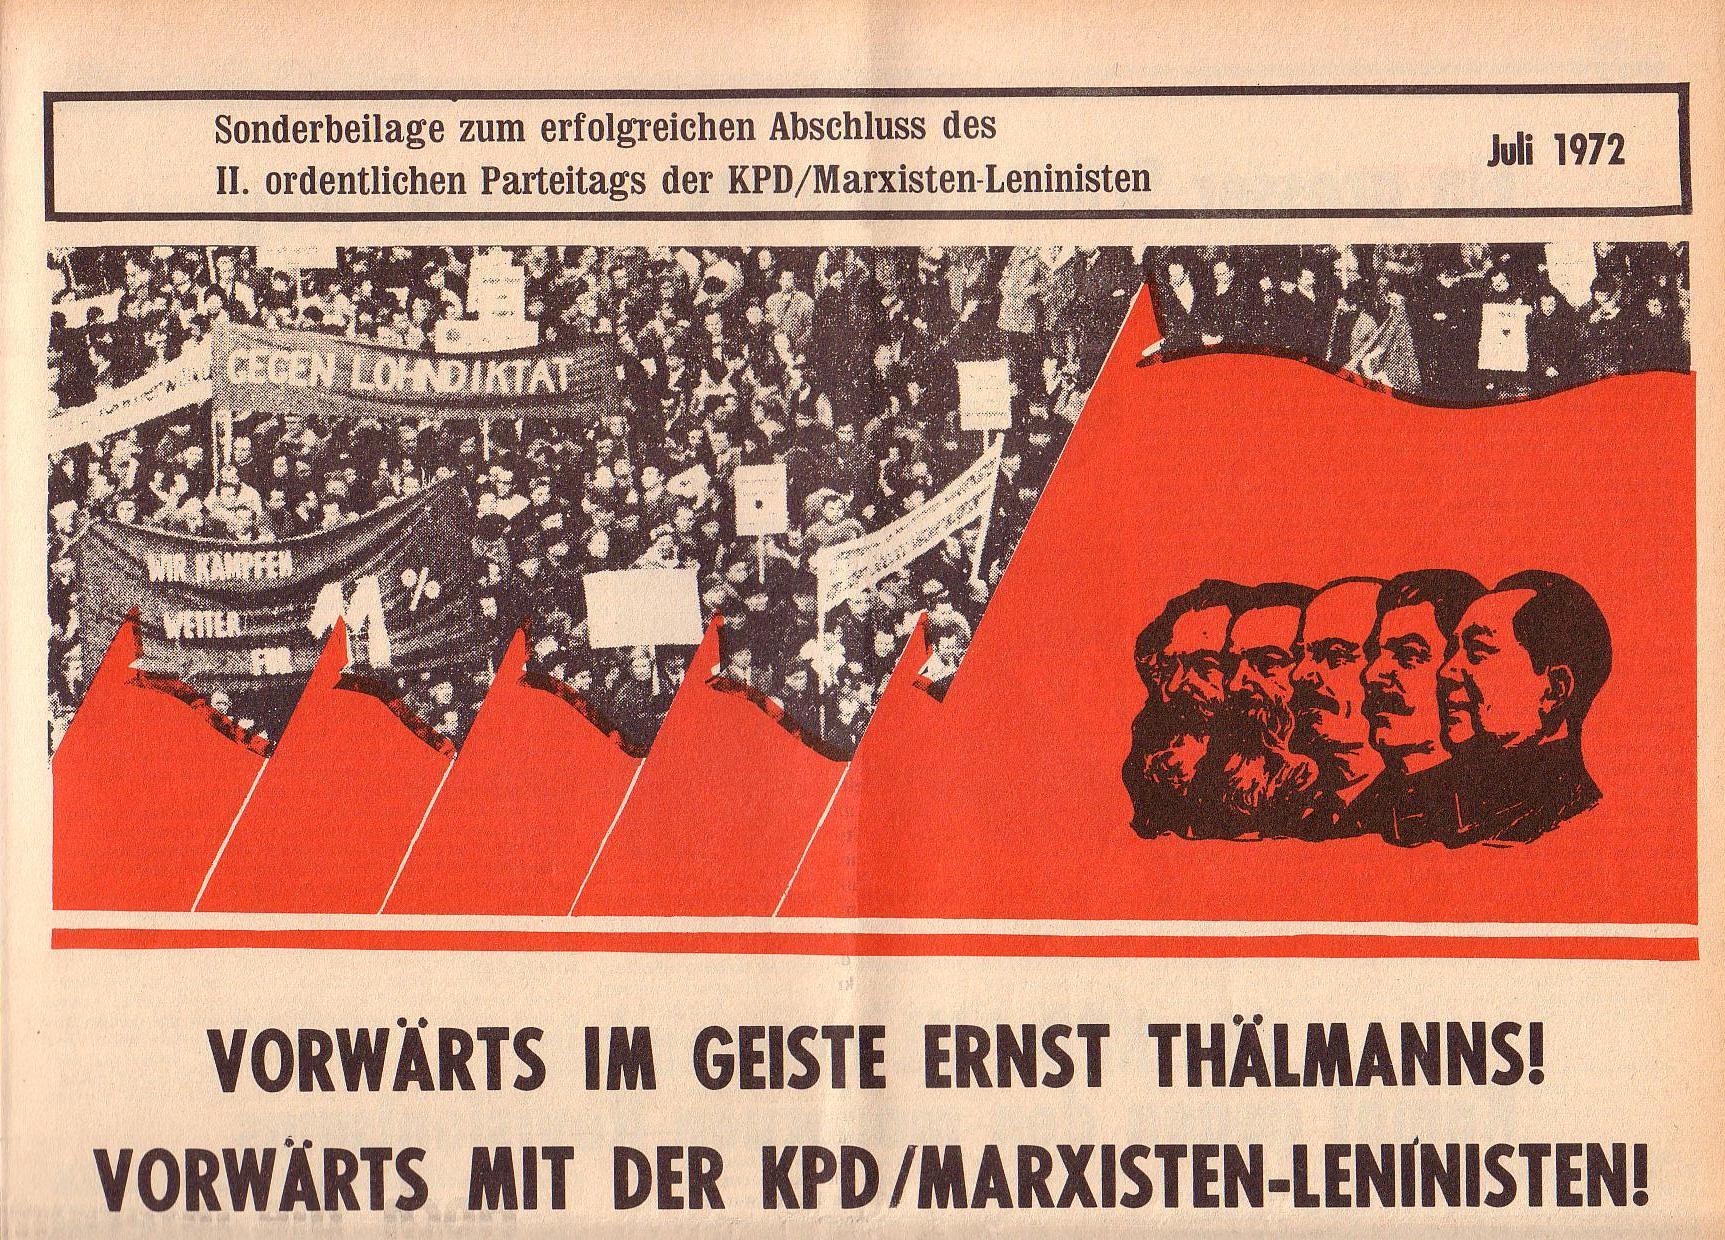 Roter Morgen, 6. Jg., Juli 1972, Sonderbeilage zum II. ordentlichen Parteitag, Seite 1a